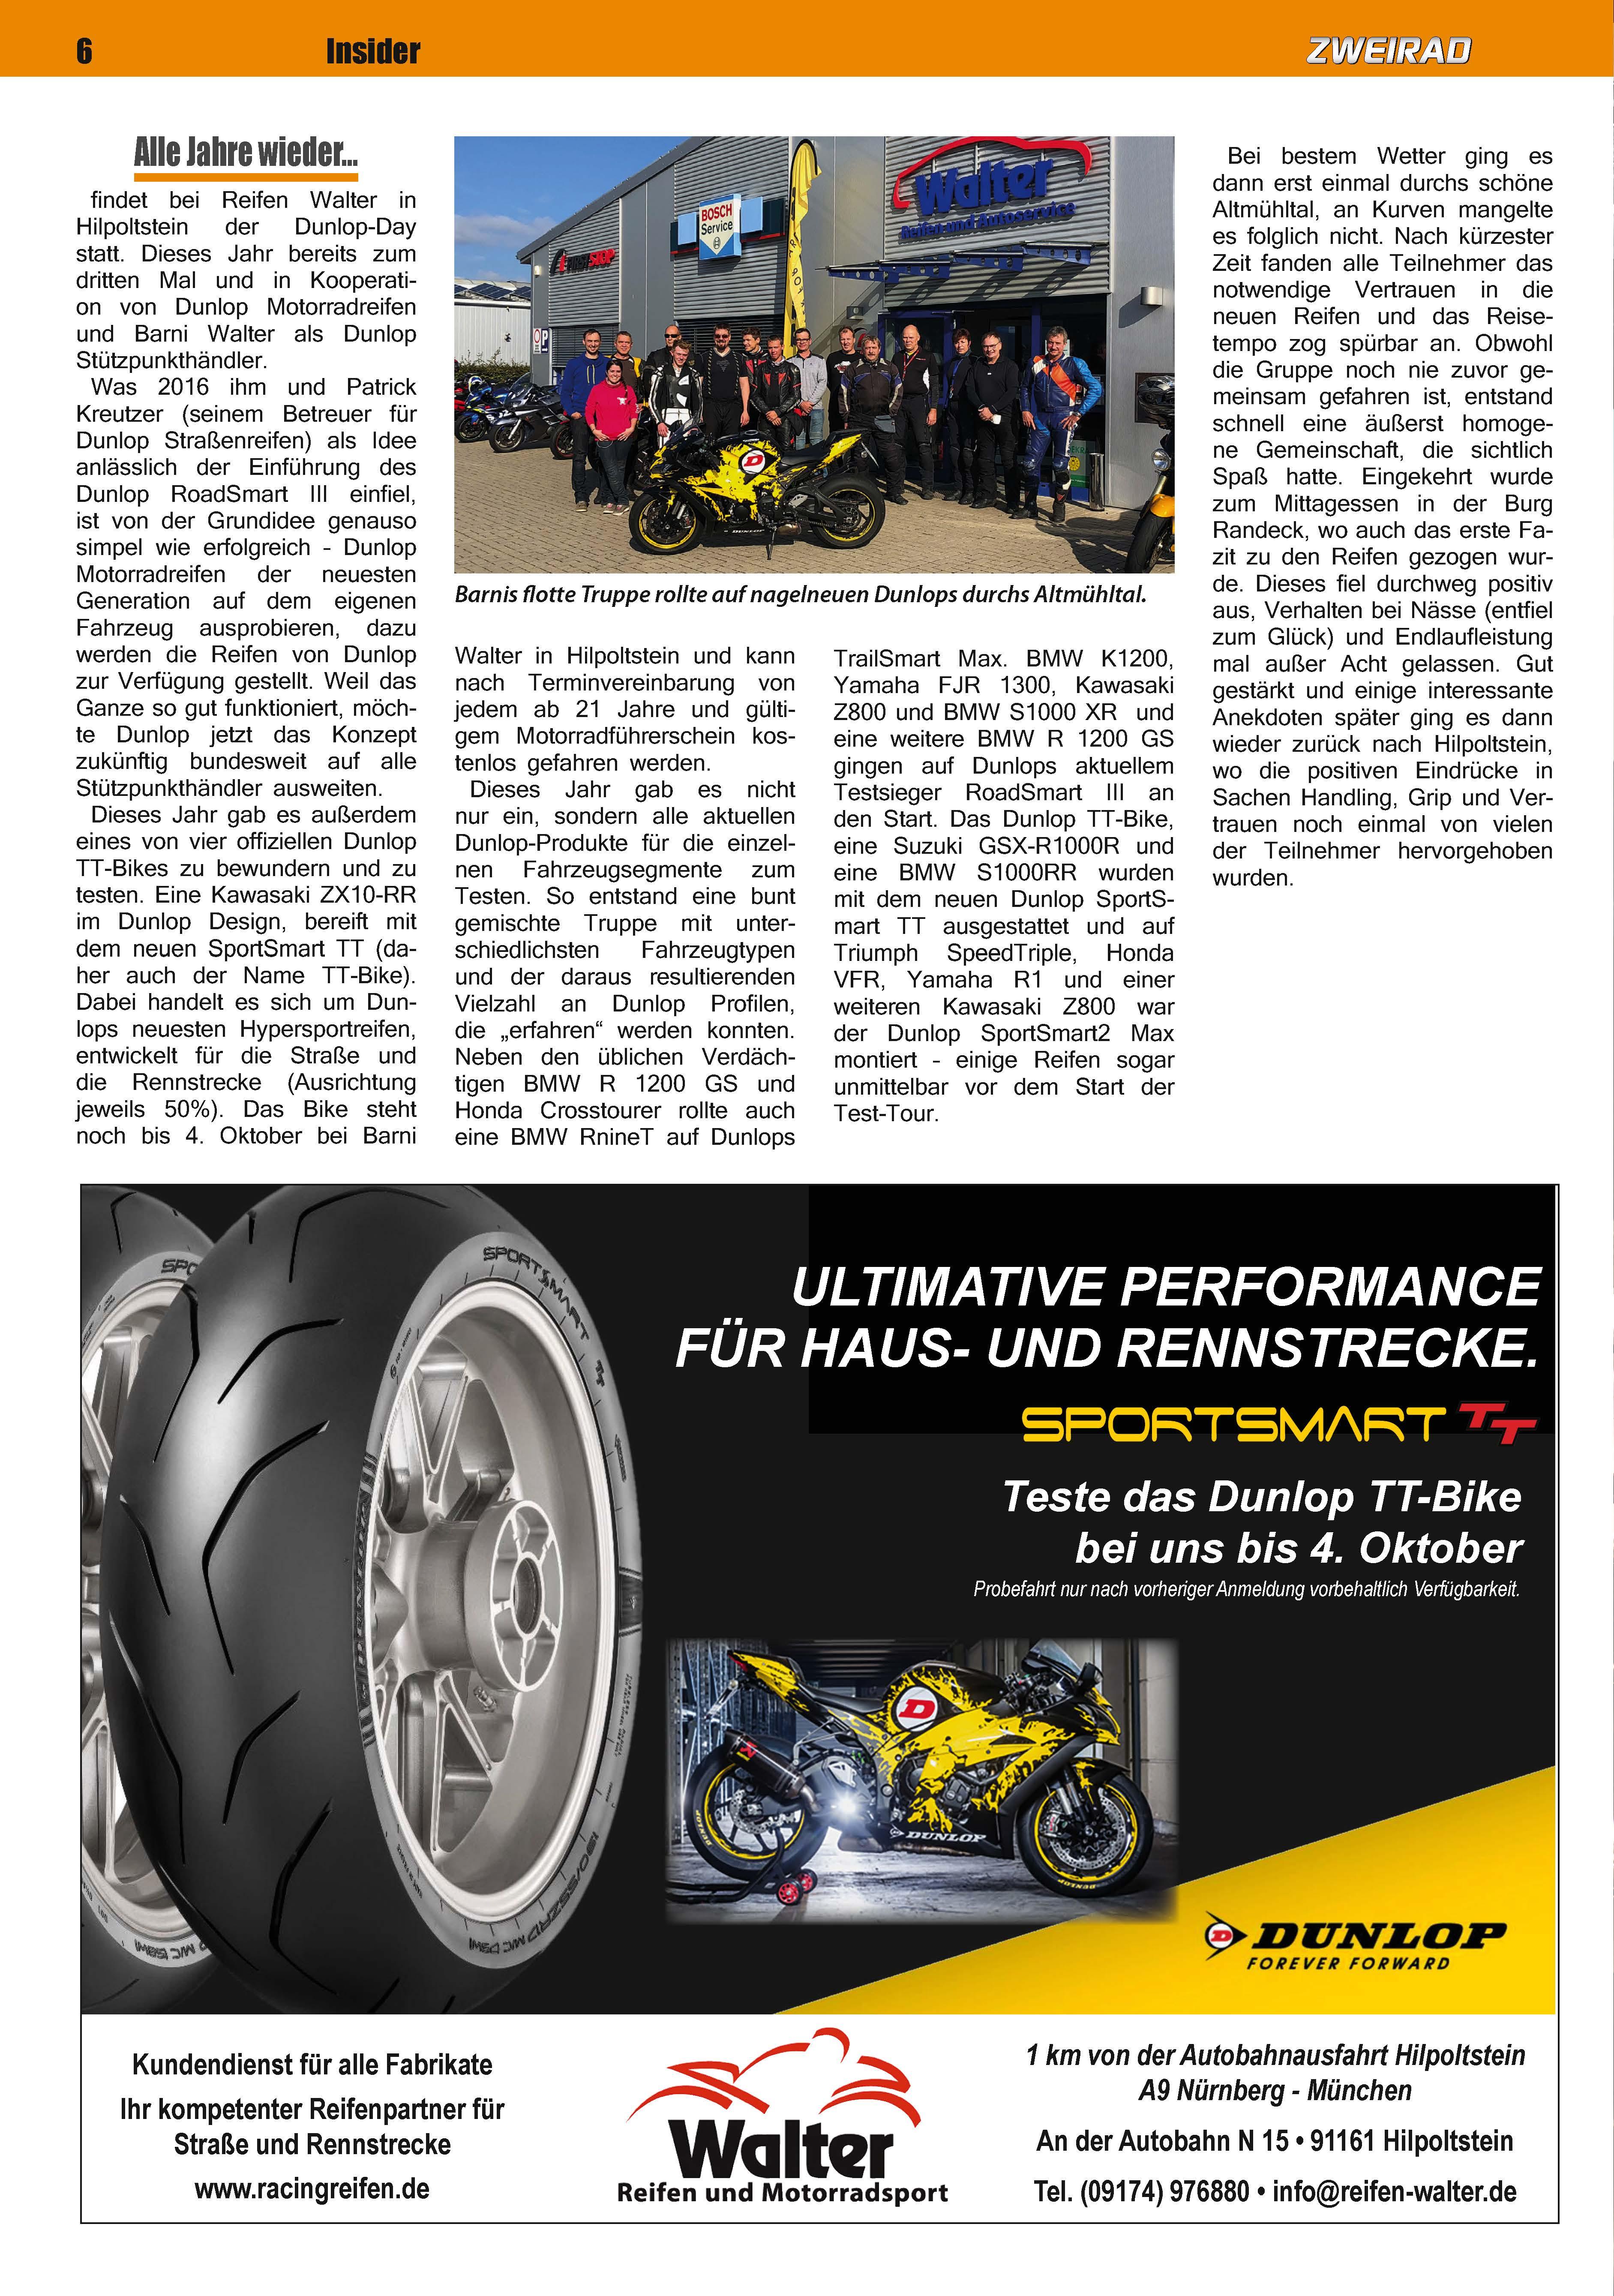 Dunlop Reifentest durchs Altmühltal